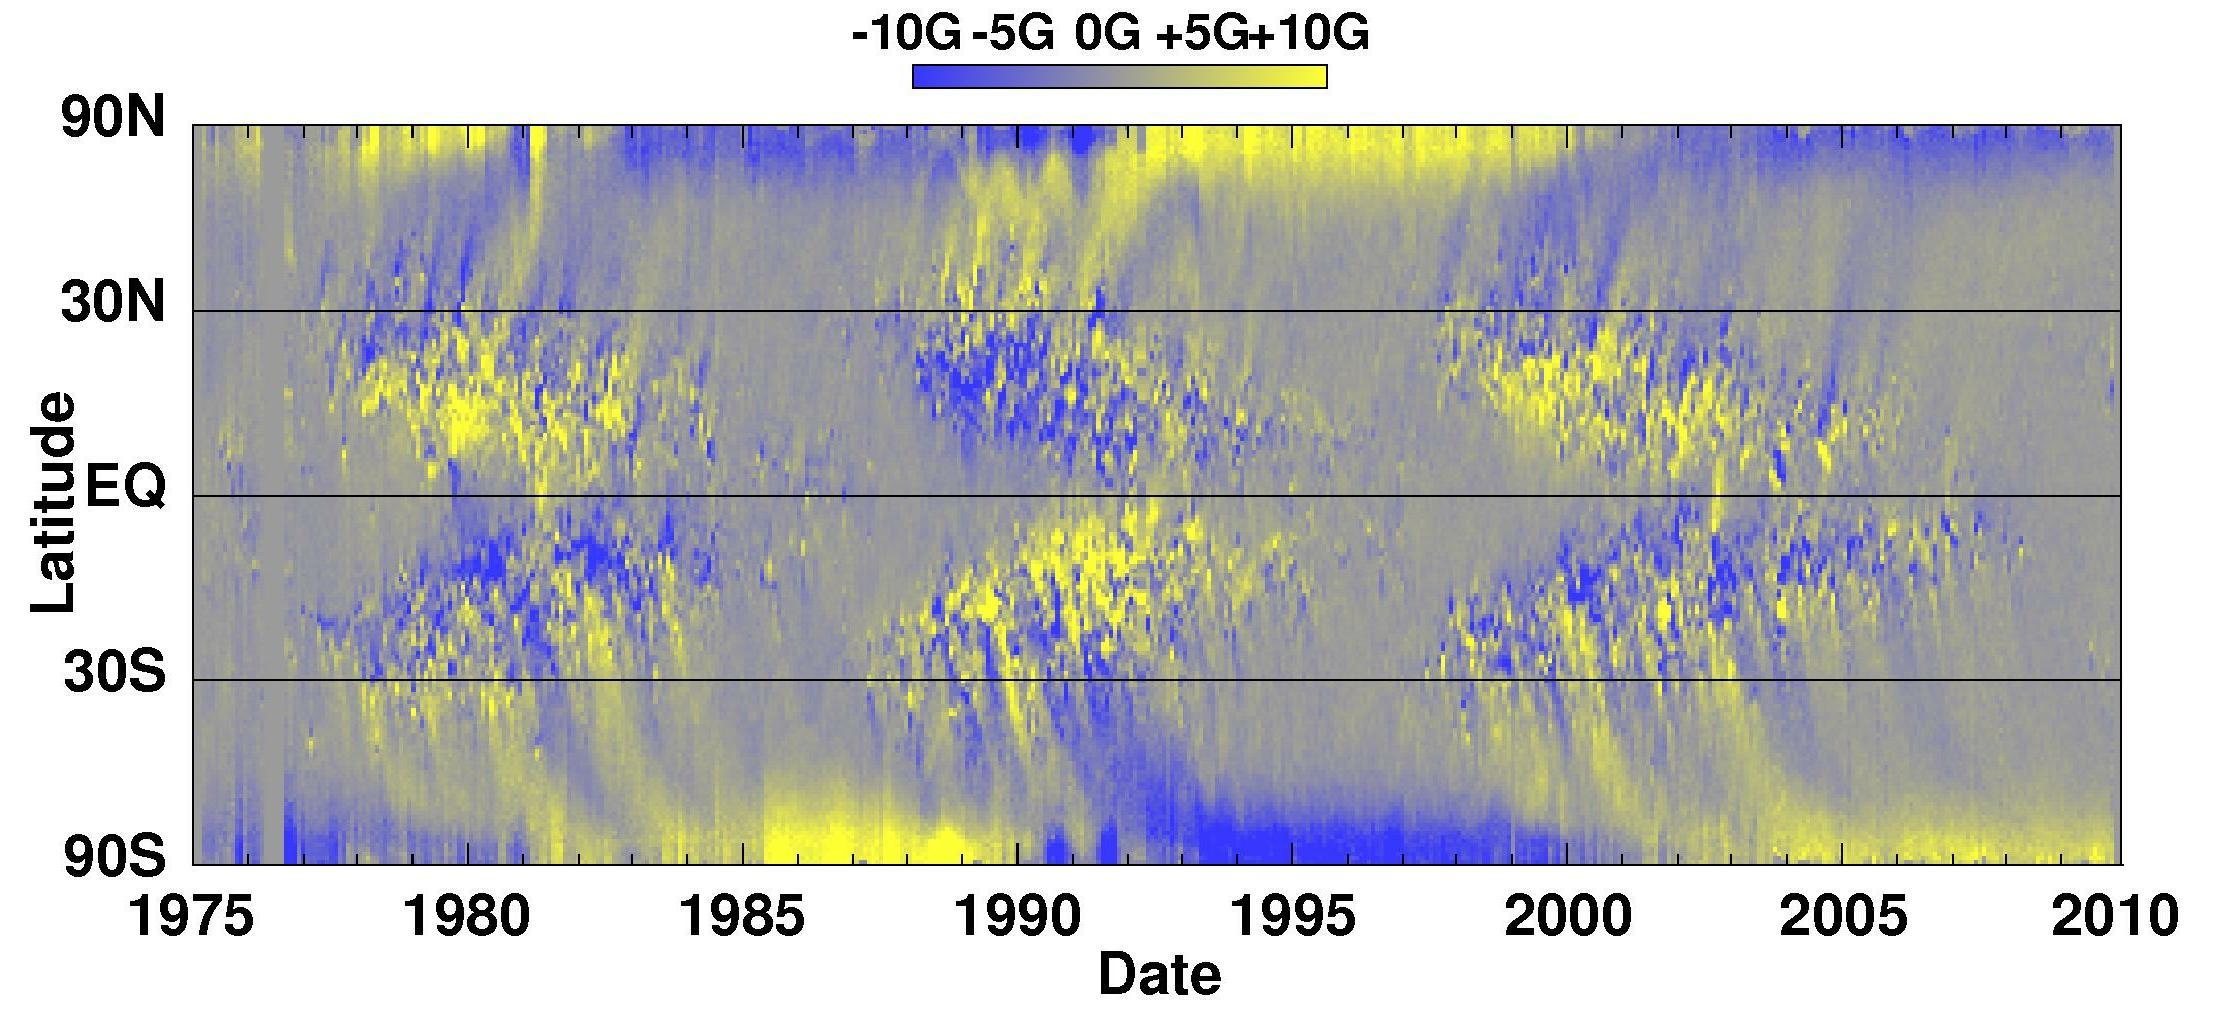 Inversione dei poli magnetici del sole ogni 11 anni